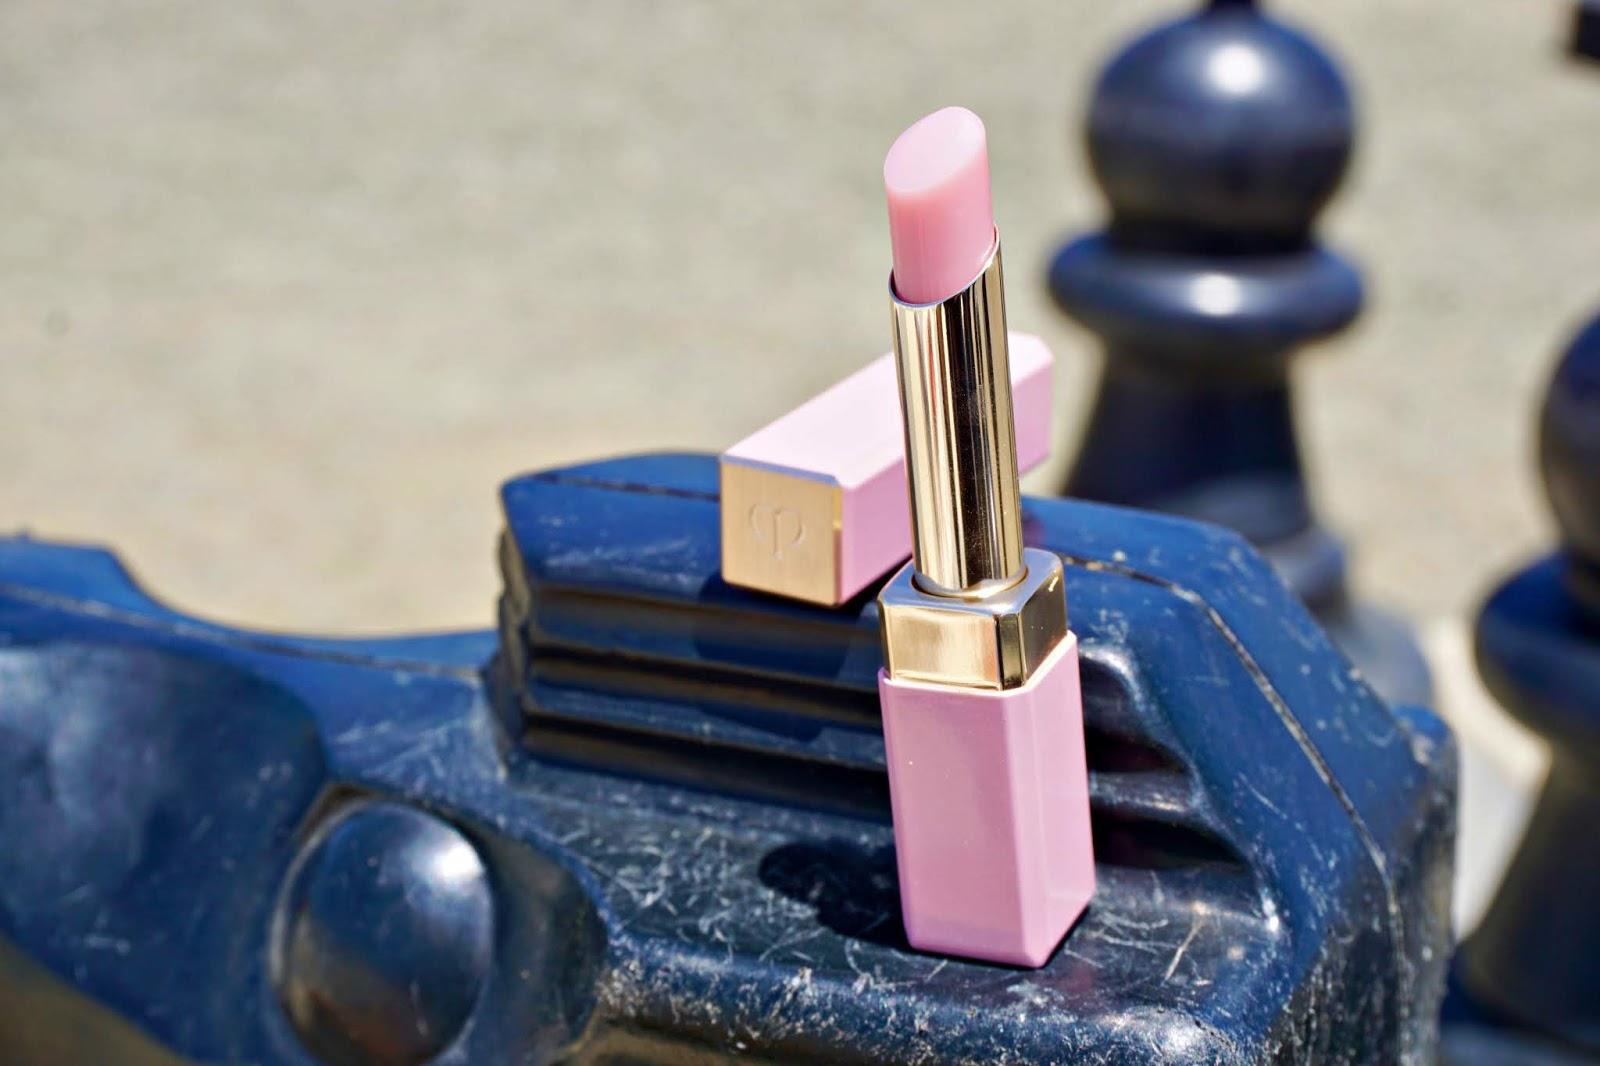 Clé de Peau Beauté Lip Glorifier swatches